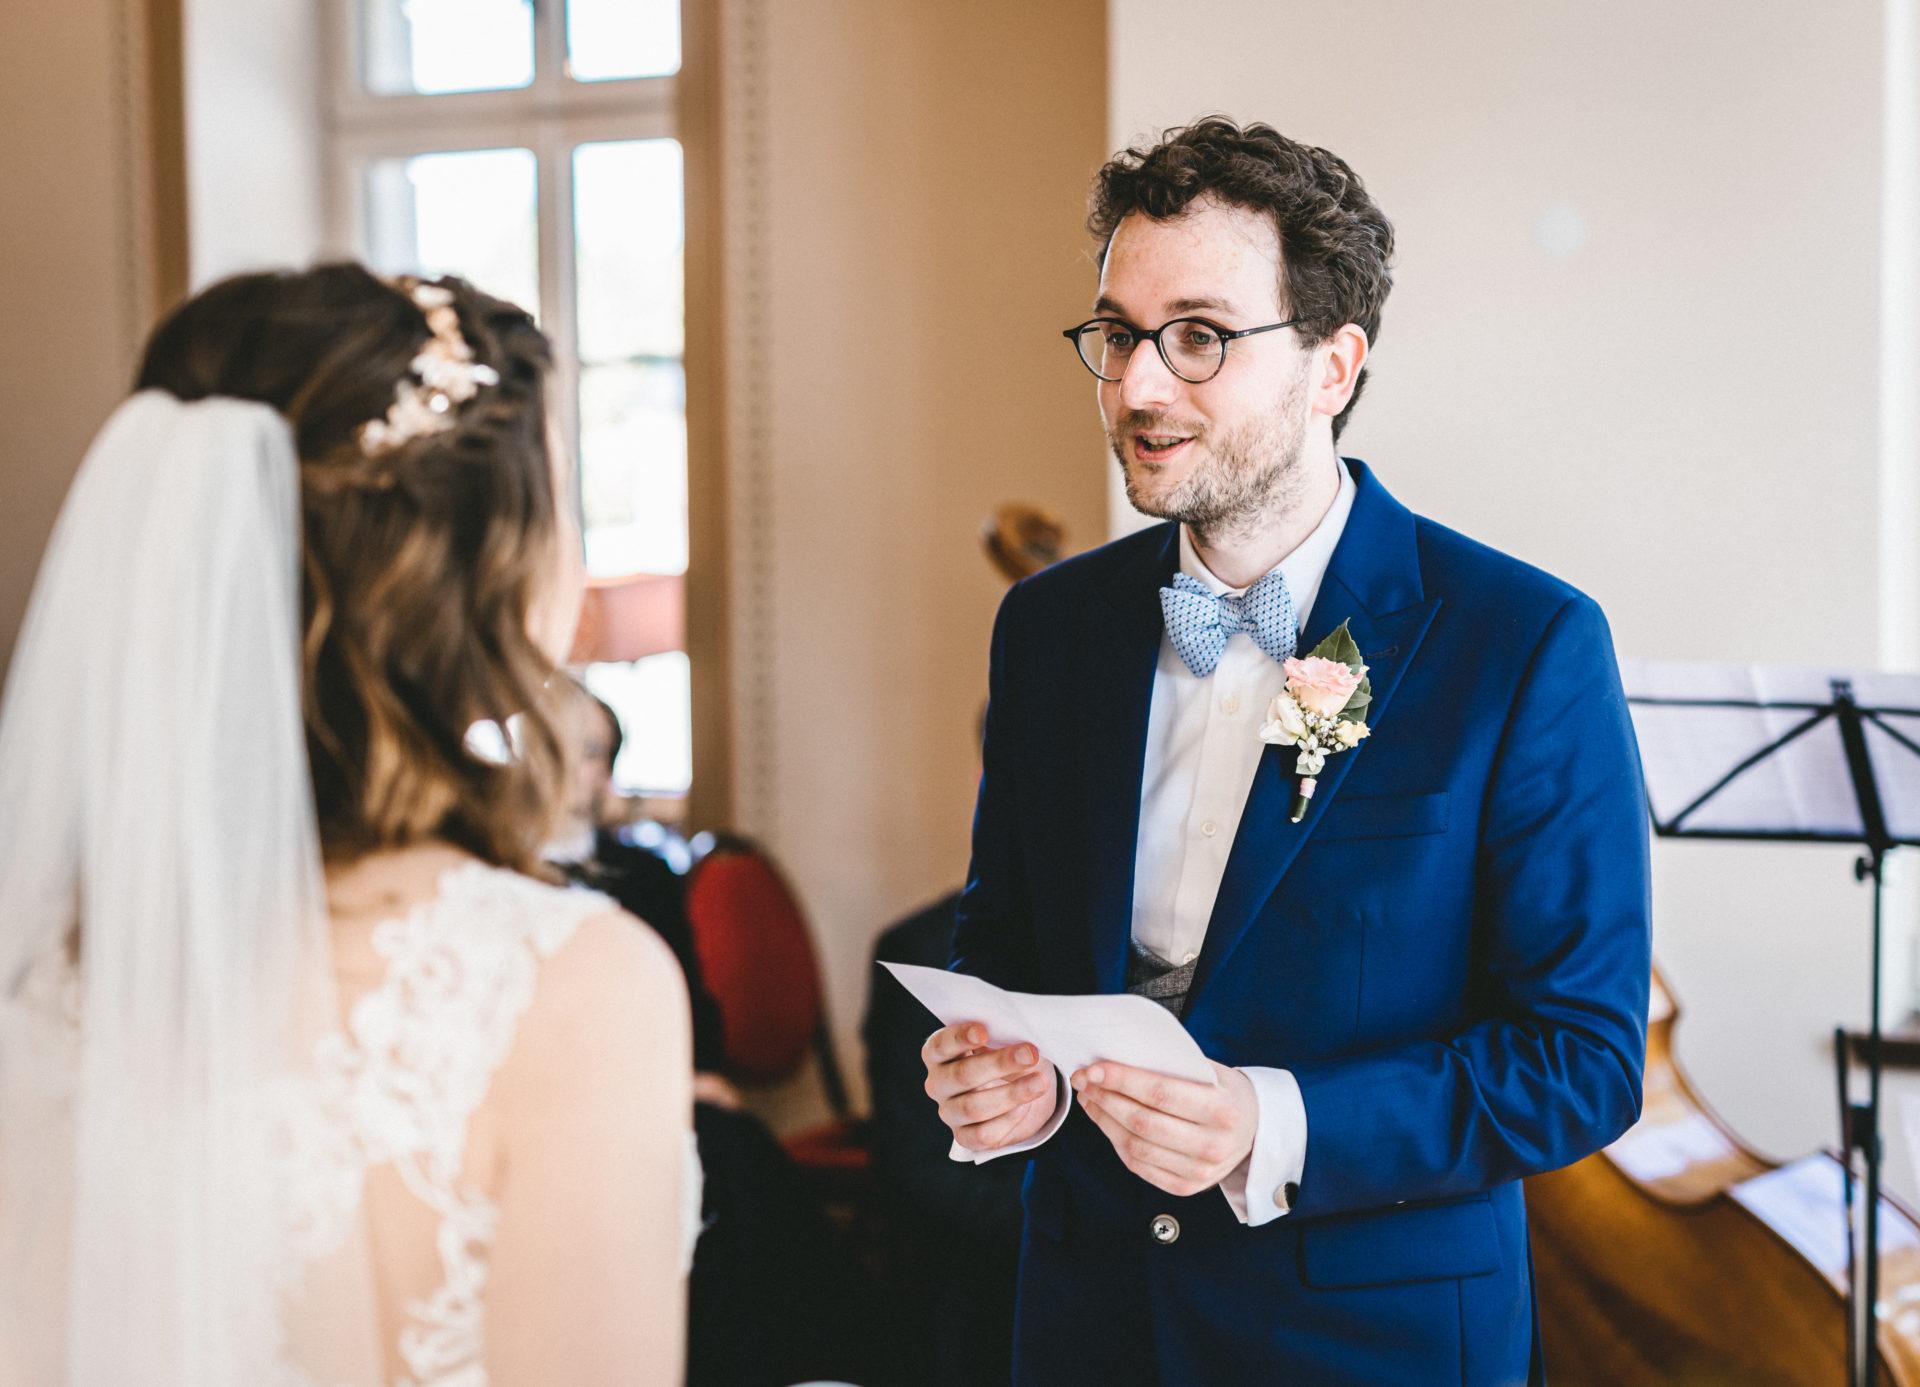 Hochzeitsreportage, Portfolio | Freie Trauung im Herrenhaus Möckern in Leipzig | 24